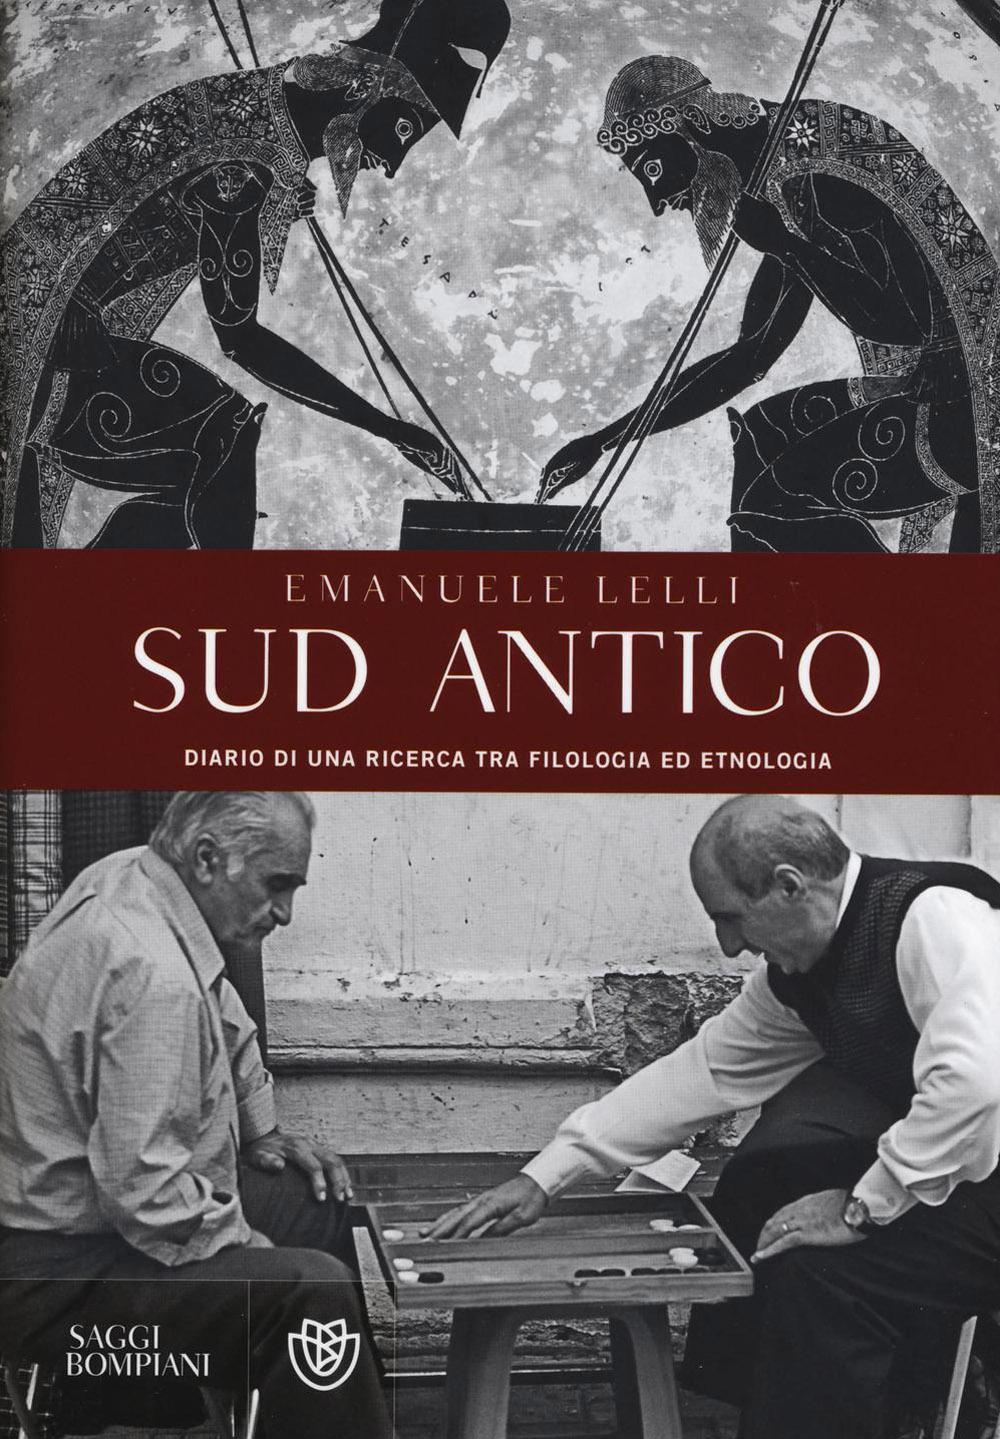 Sud antico. Diario di una ricerca tra filologia ed etnologia